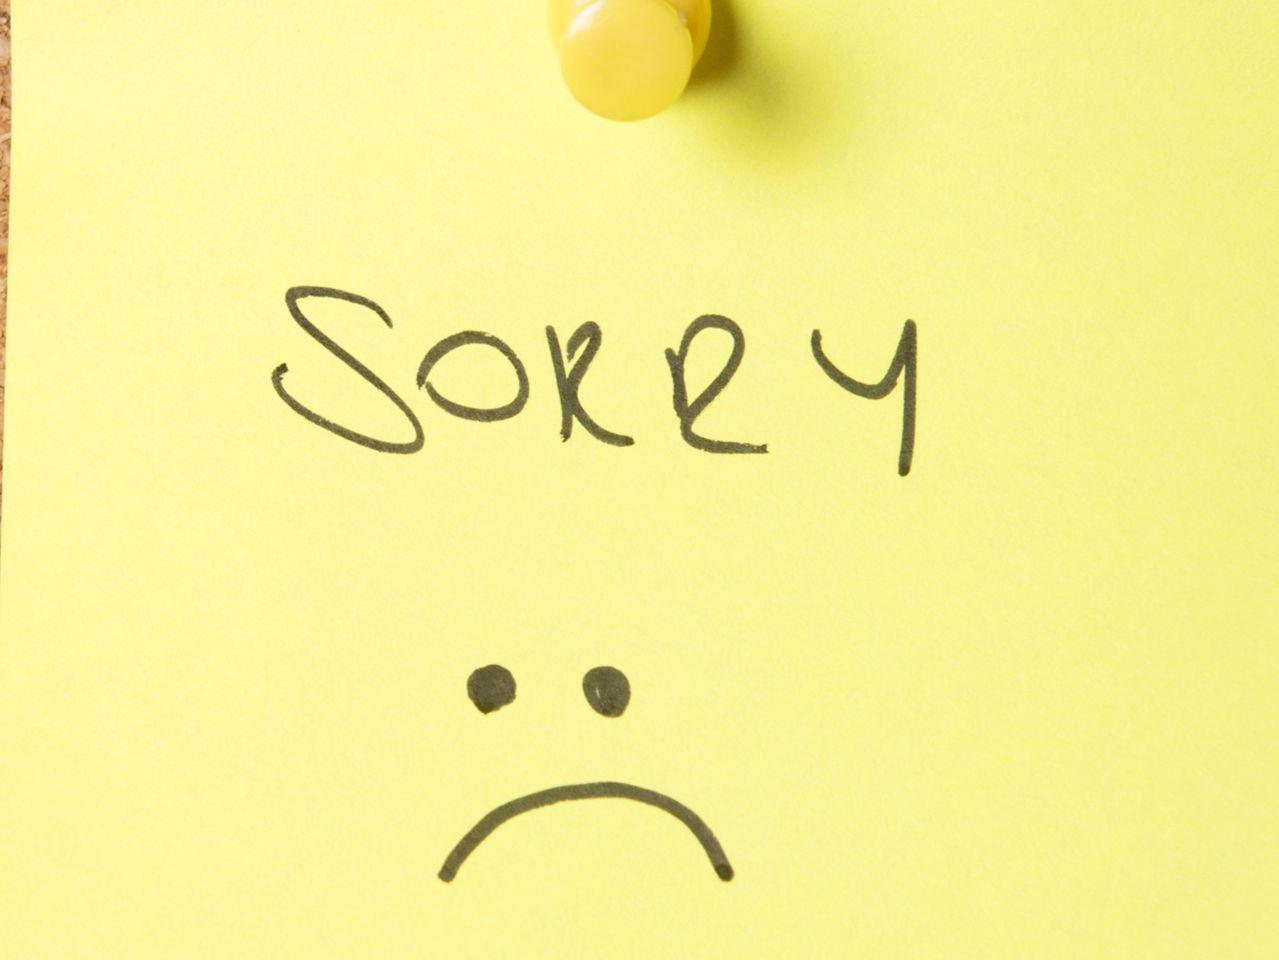 بالصور رسائل اعتذار للحبيب , اجمل كلمات الاعتذار للحبيب 3885 4